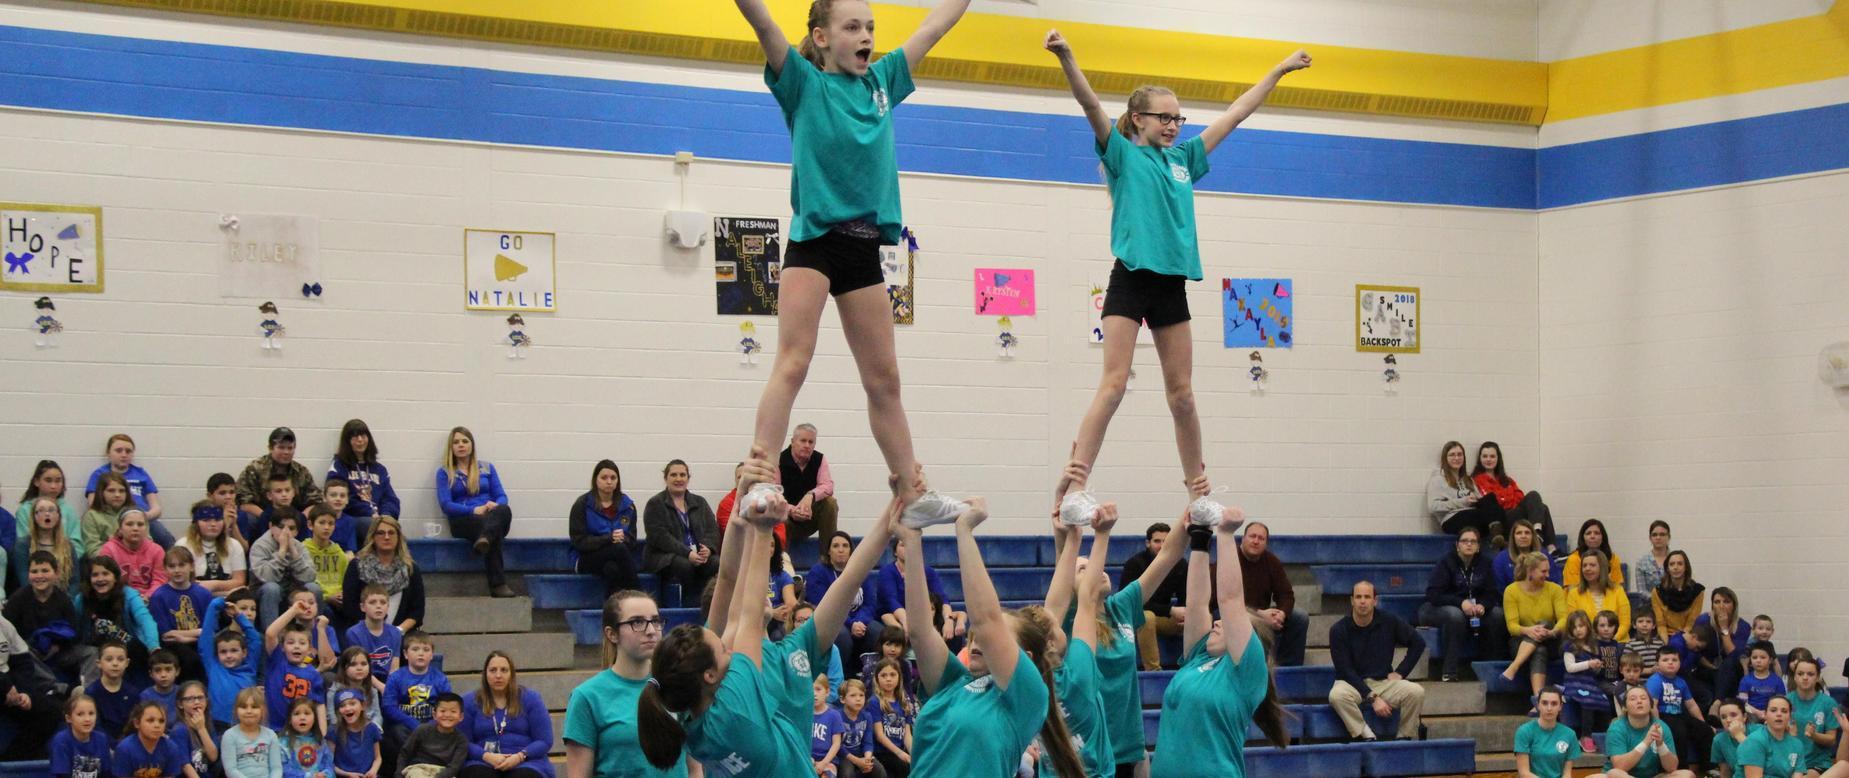 cheerleaders perform trick as crowd looks on